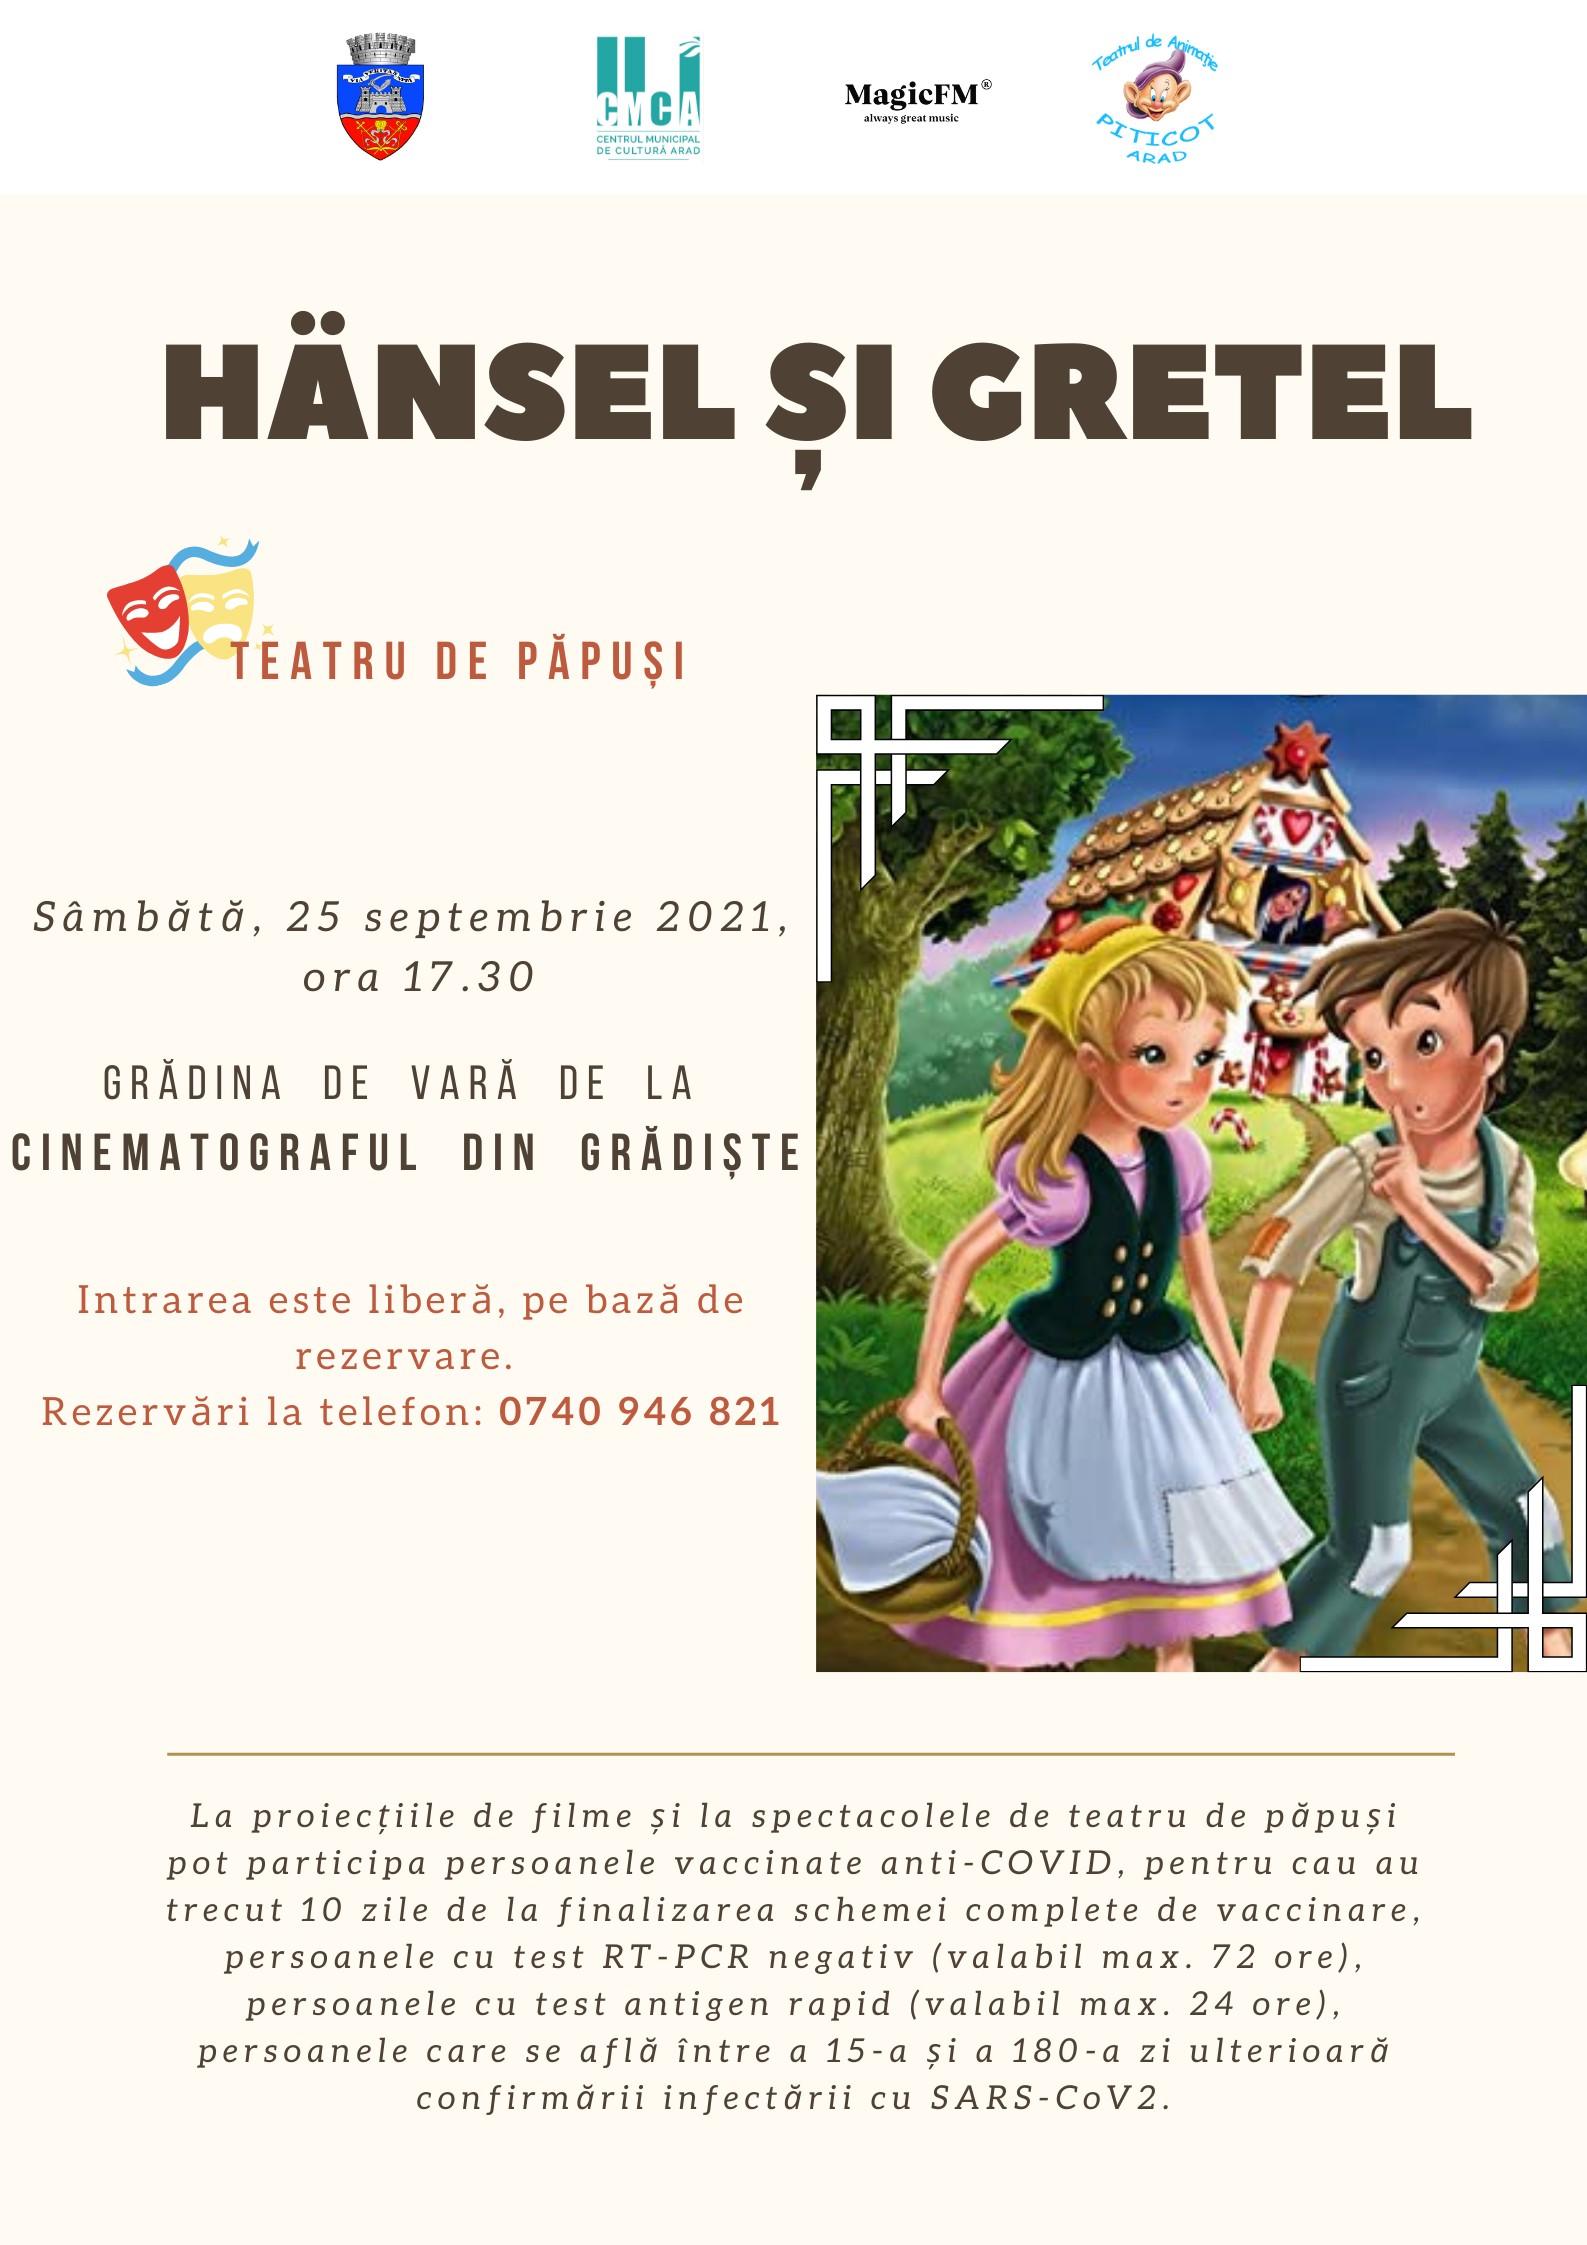 """Piesa de teatru de păpuși """"Hänsel şi Gretel"""", în grădina de vară de la Cinematograful din Grădiște"""